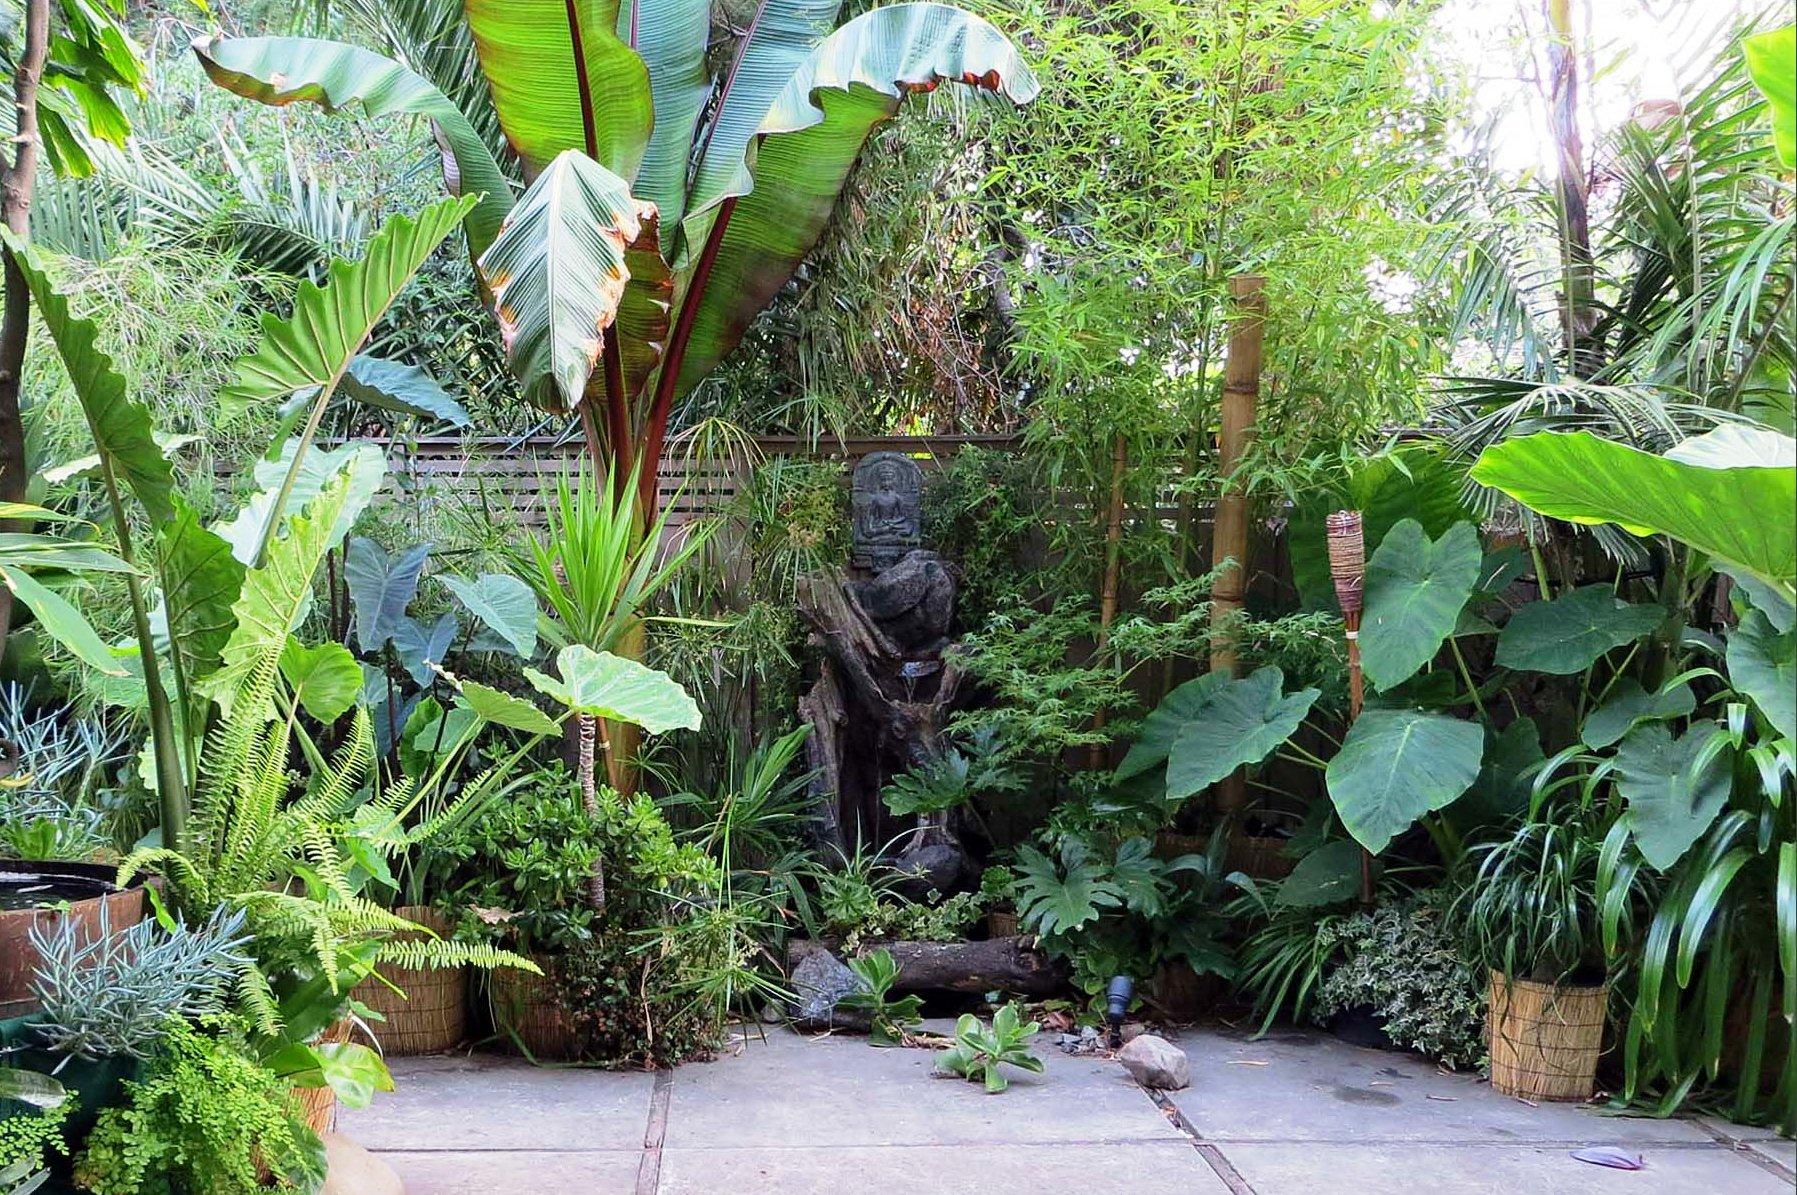 Cây lá rộng sẽ tăng cảm giác nhiệt đới -xanh mát cho khu vườn